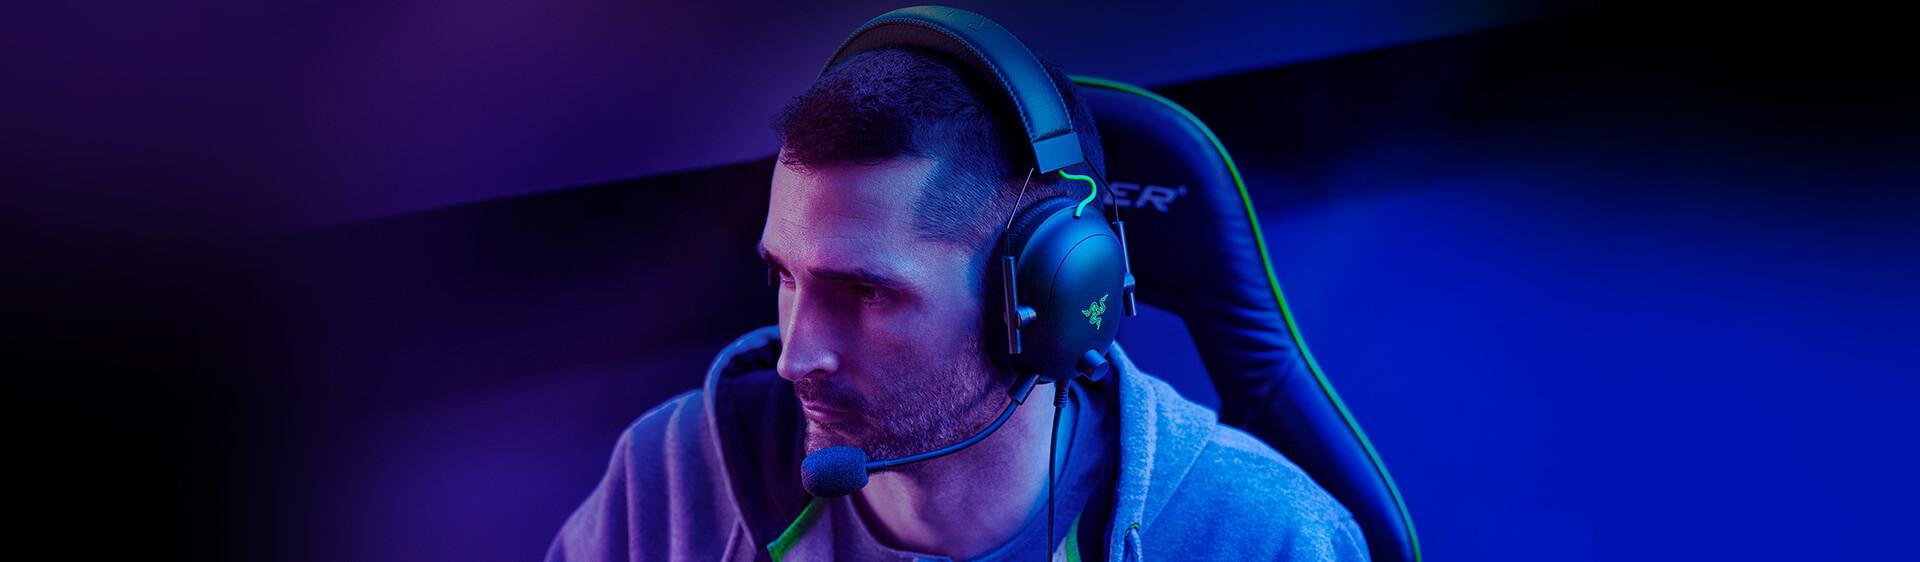 Tai nghe Razer BlackShark V2 - Wired Gaming Headset + USB Sound Card - RZ04-03230100-R3M1 có khả năng cách âm cực tốt